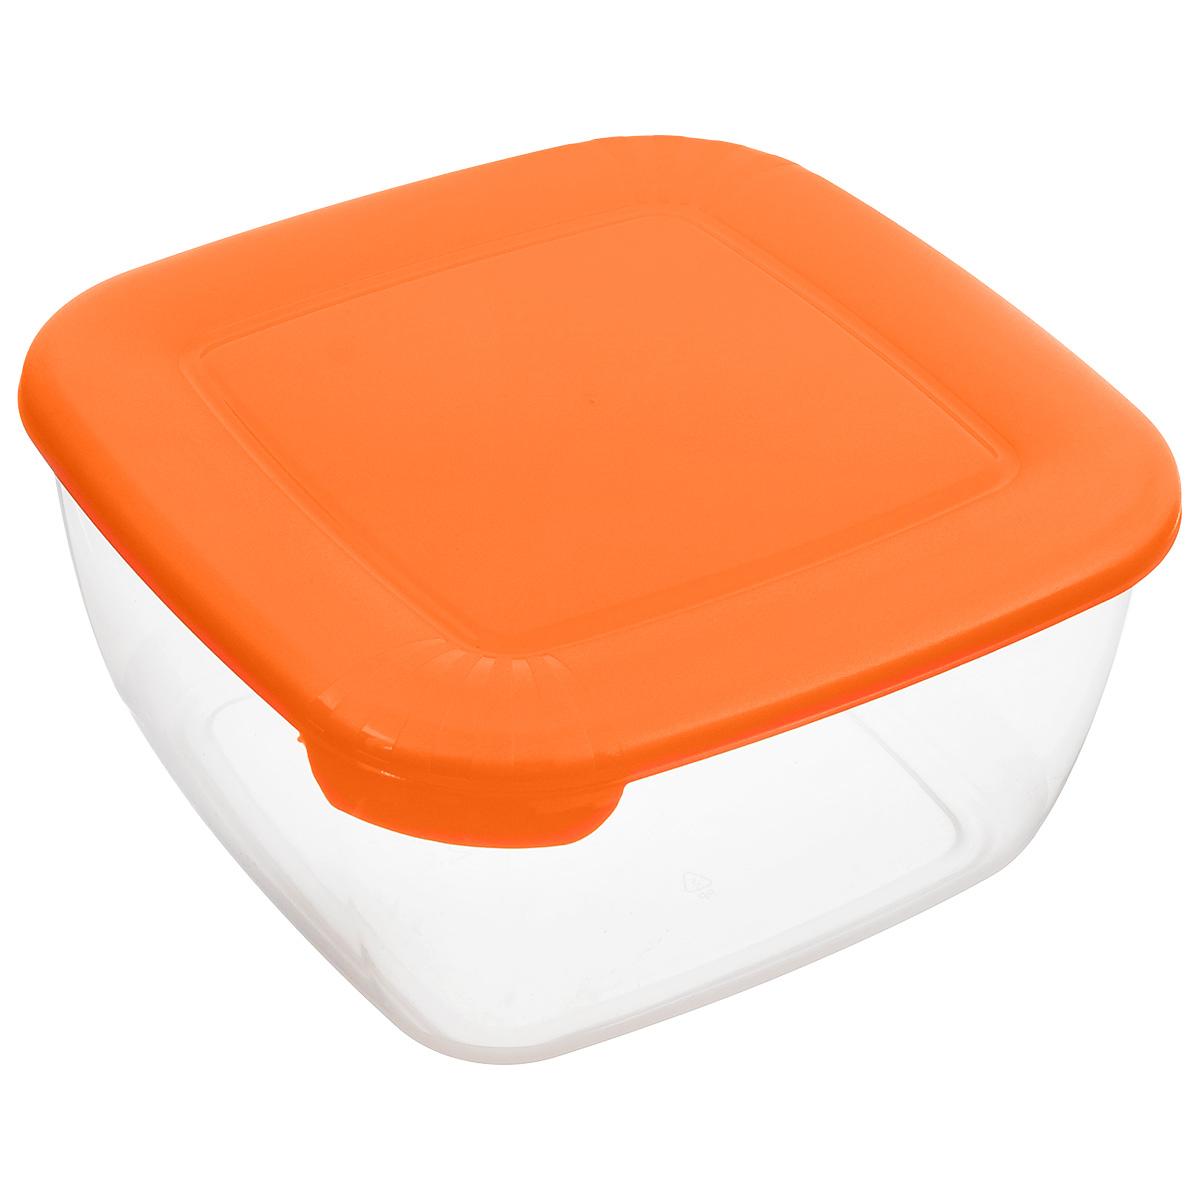 Контейнер Полимербыт Лайт, цвет: оранжевый, прозрачный, 2,5 л контейнер полимербыт каскад цвет прозрачный сиреневый 1 л